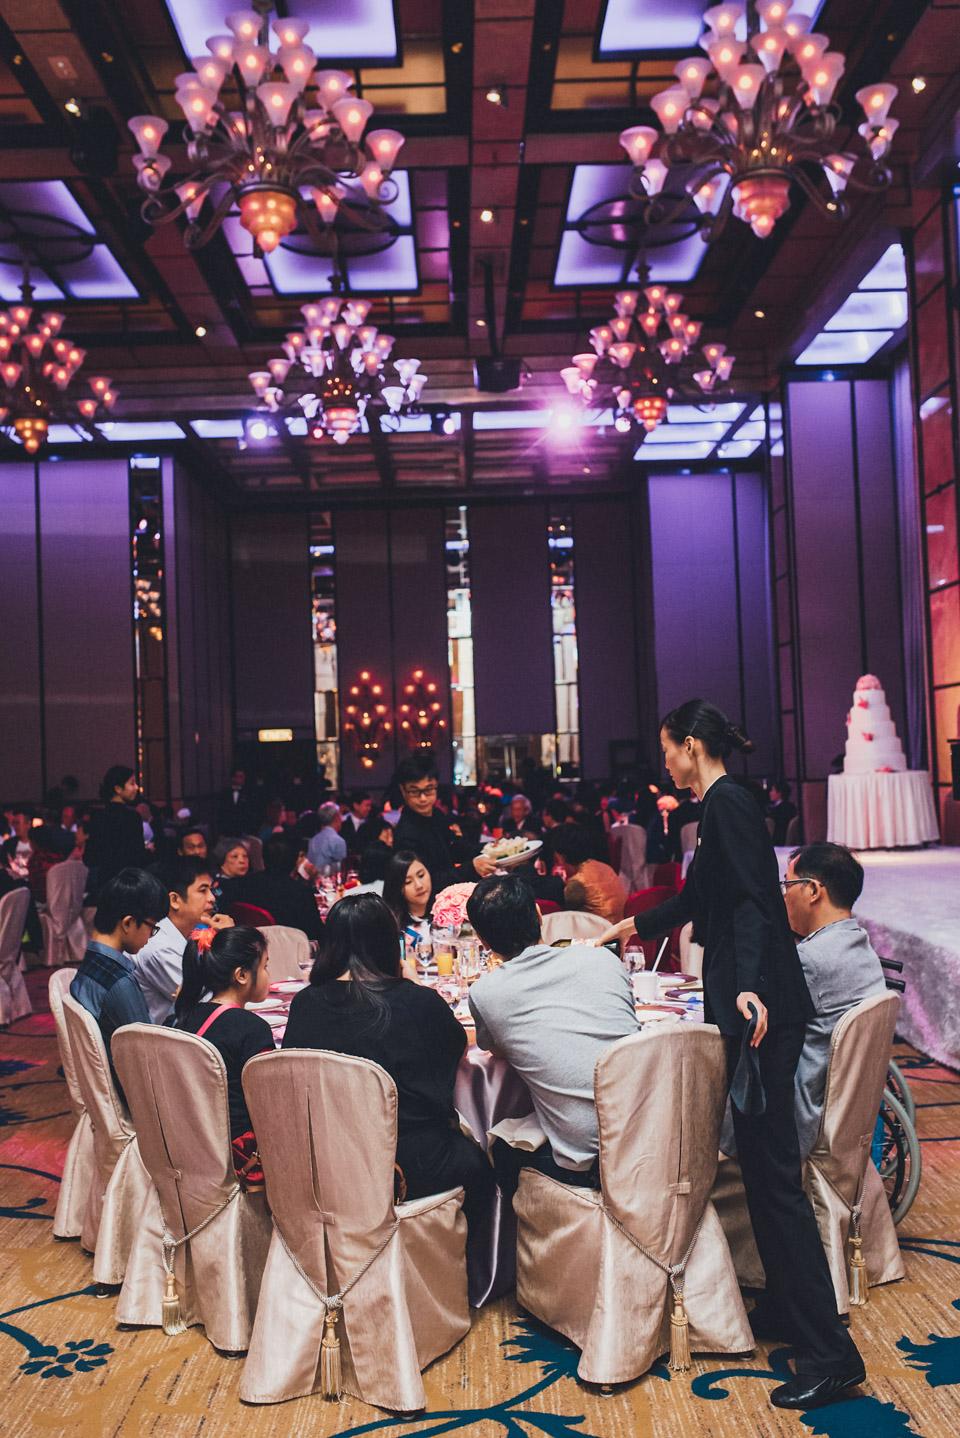 hongkong-wedding-photo-video-139 Kristy & Sam HongKong Wedding Four Saison HKhongkong wedding photo video 139